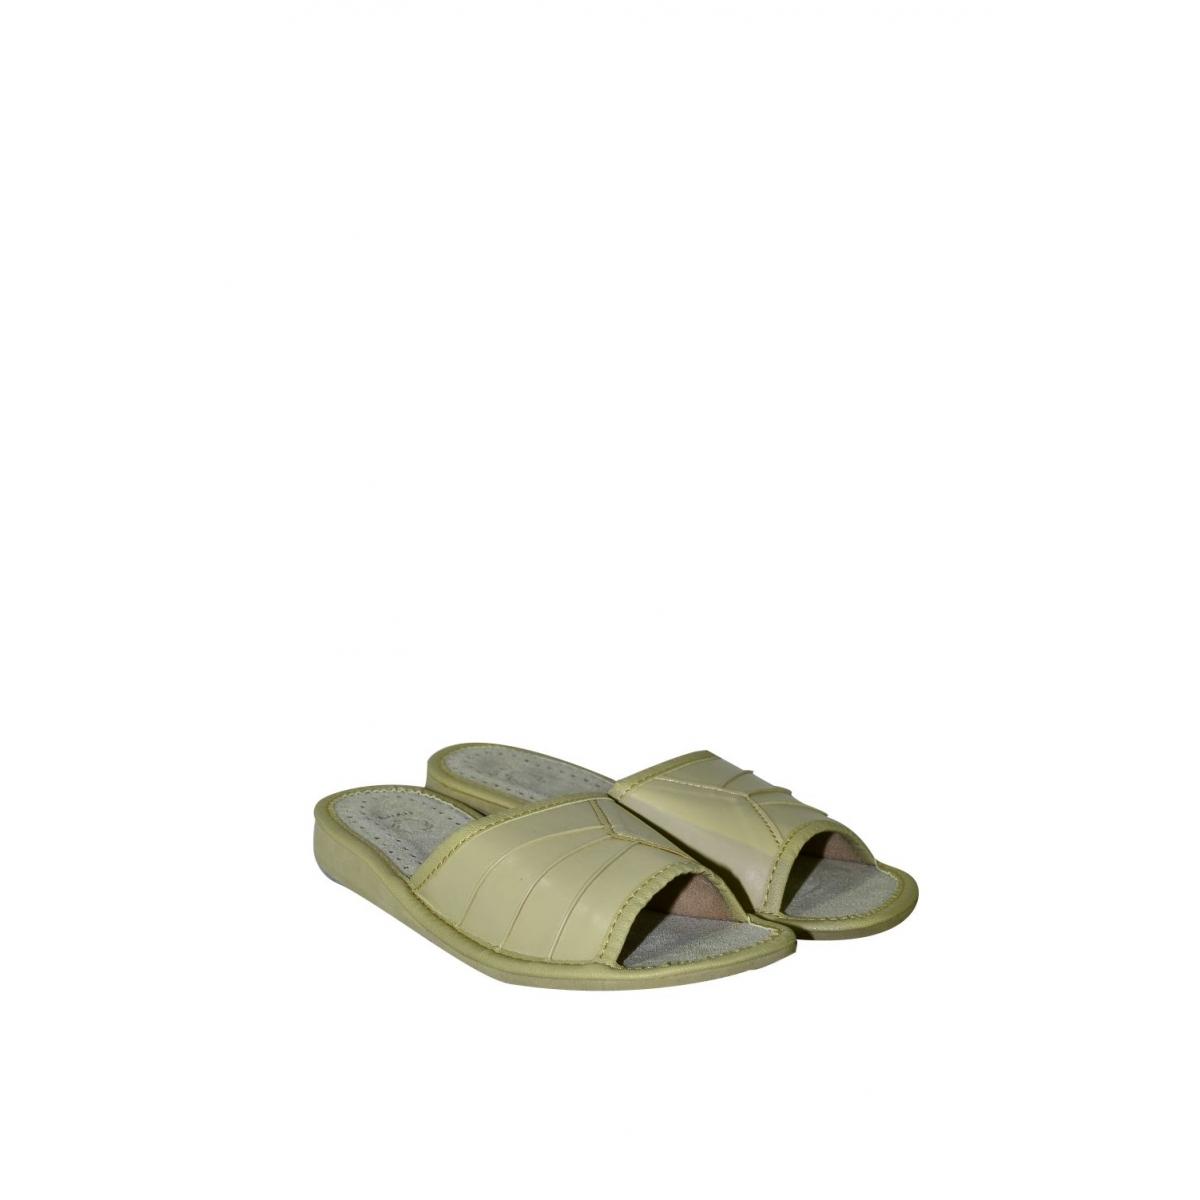 6695876fa2a70 Dámske béžové letné papuče CLAUDIE | Johnc.sk